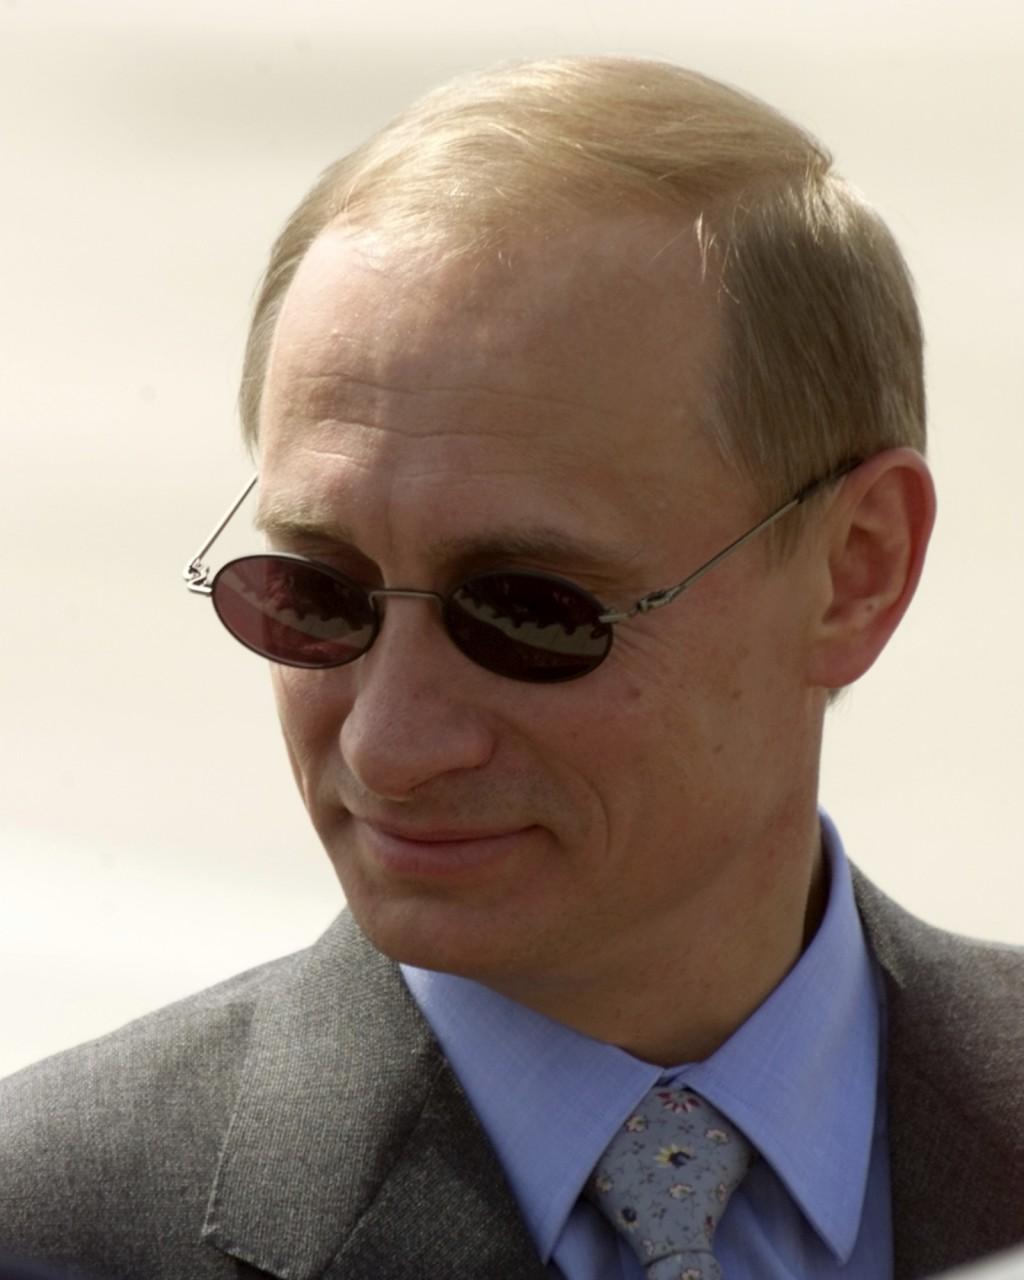 FILE -In this file photo taken on Friday, May 19, 2000, Russian President Vladimir Putin smiles during his visit in Ashgabat, Turkmenistan. Putin on W